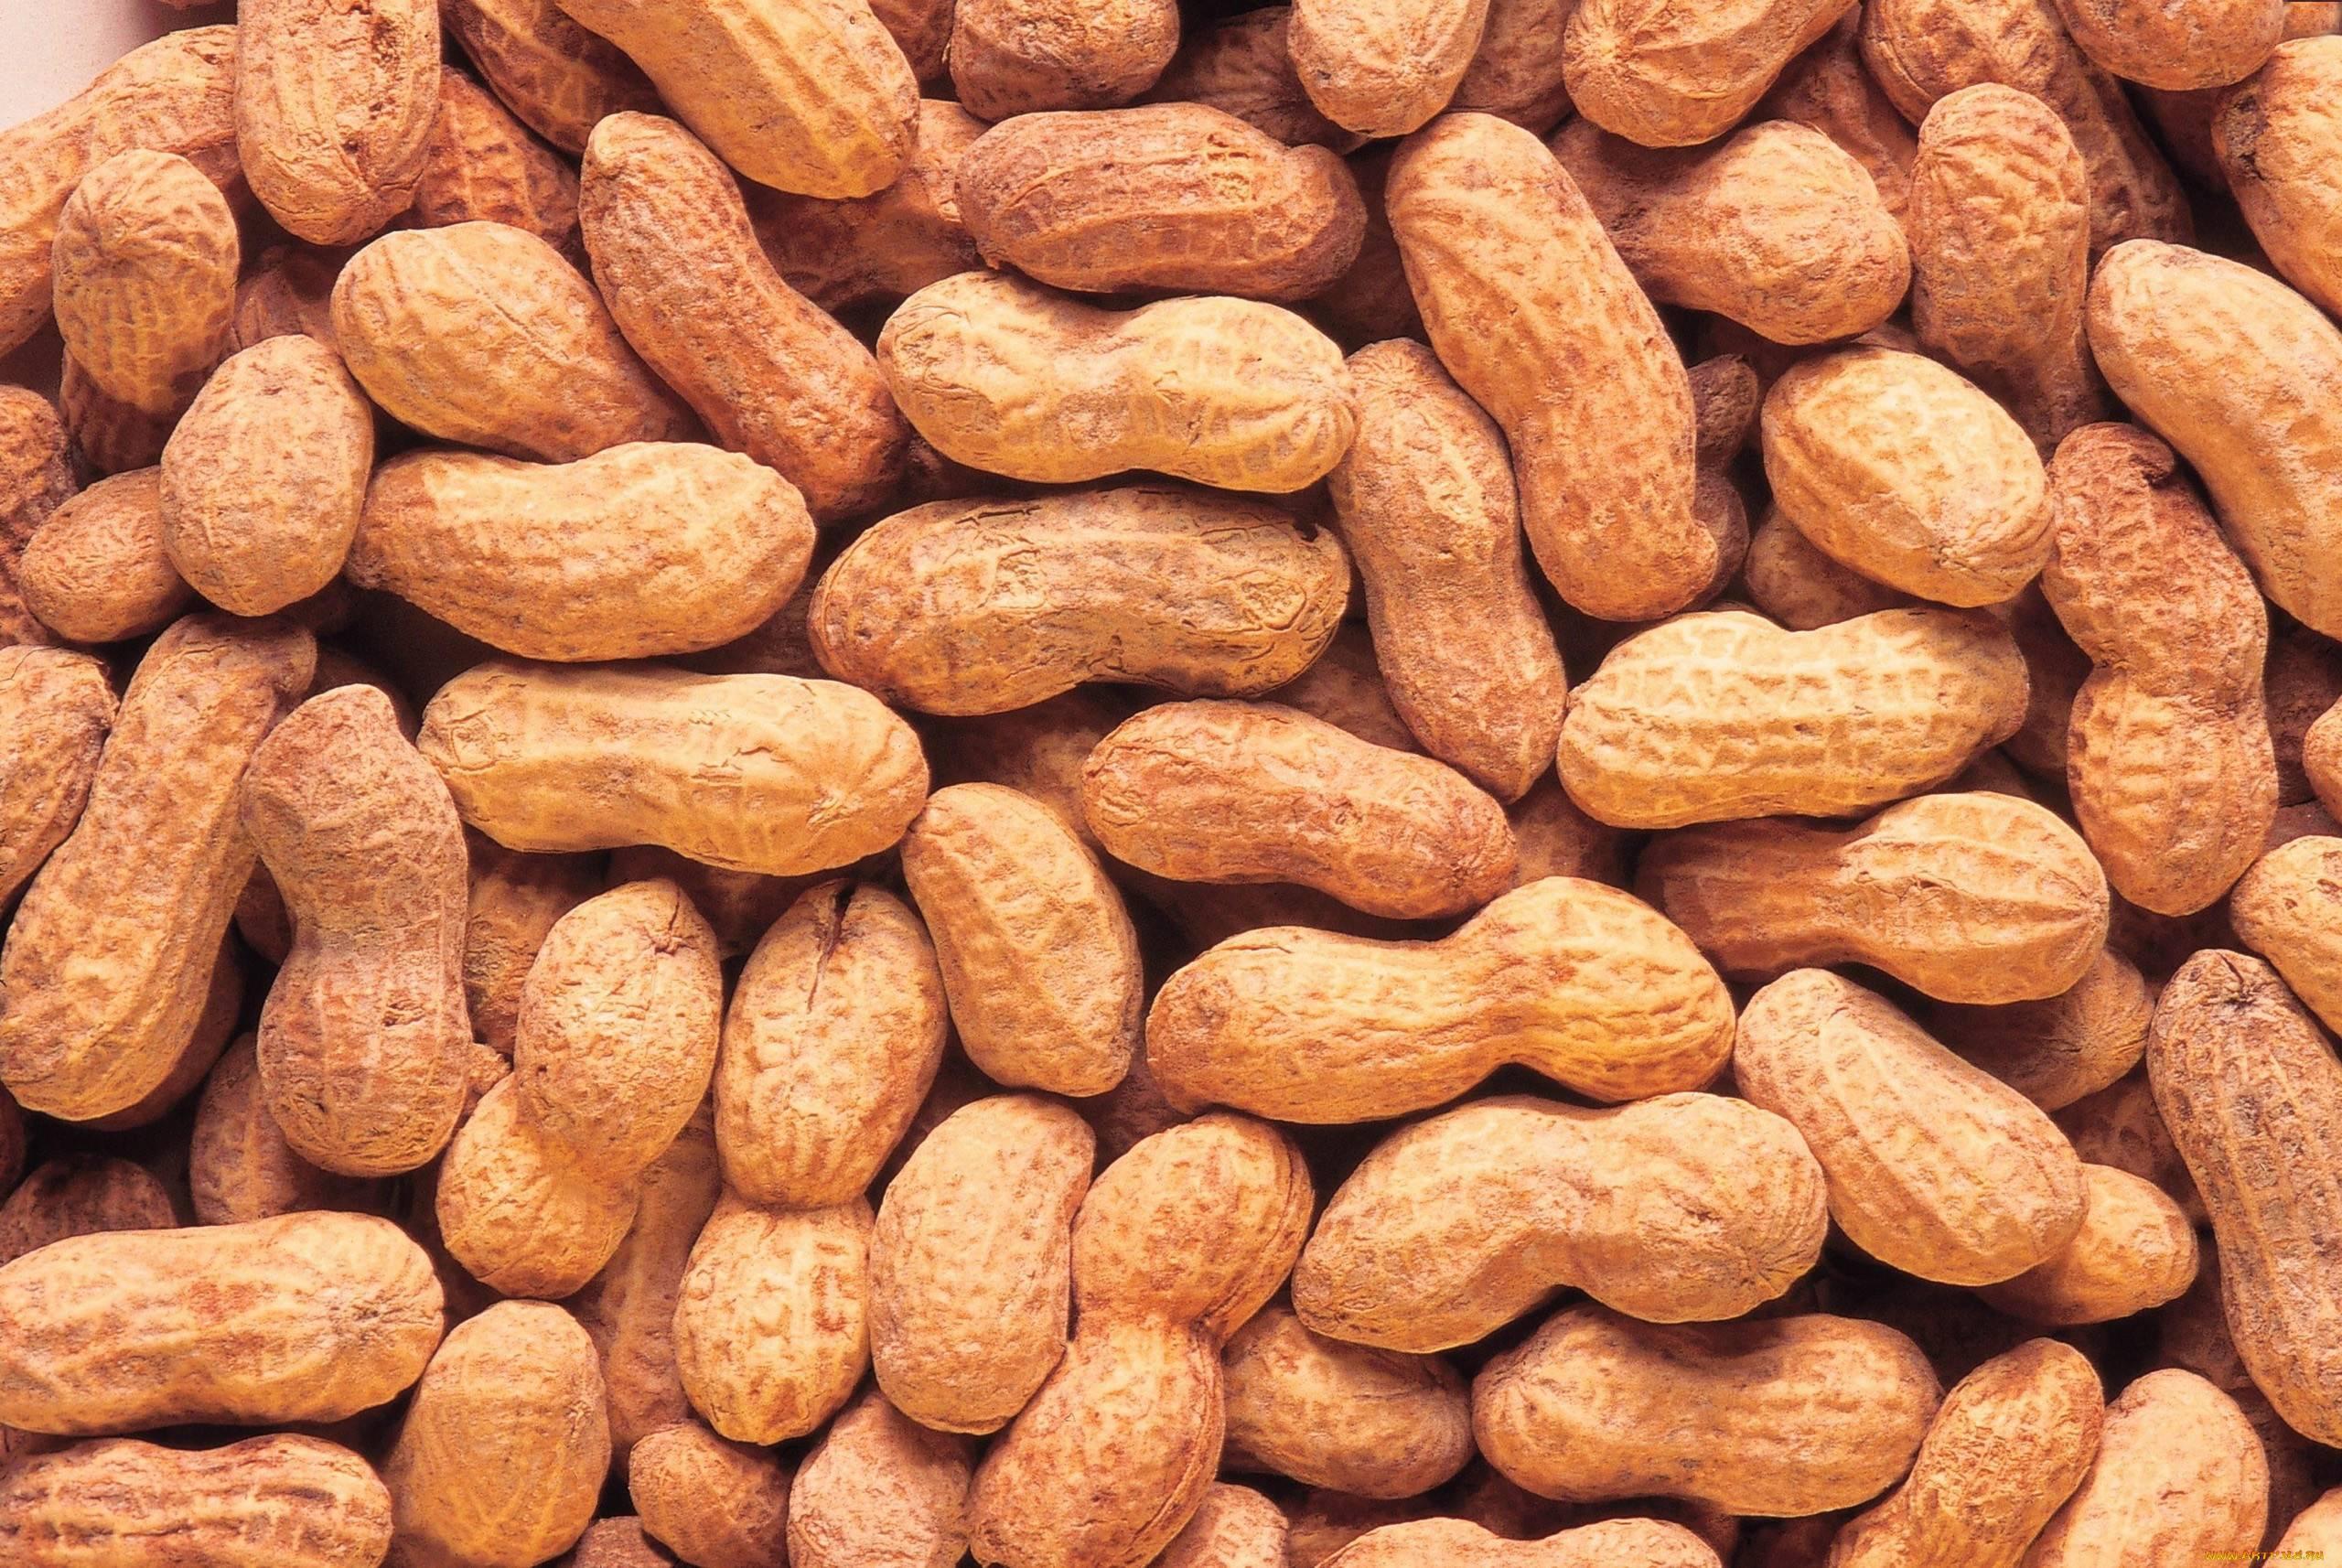 Польза арахиса для организма: 120 фото и обзор полезных элементов в составе арахиса